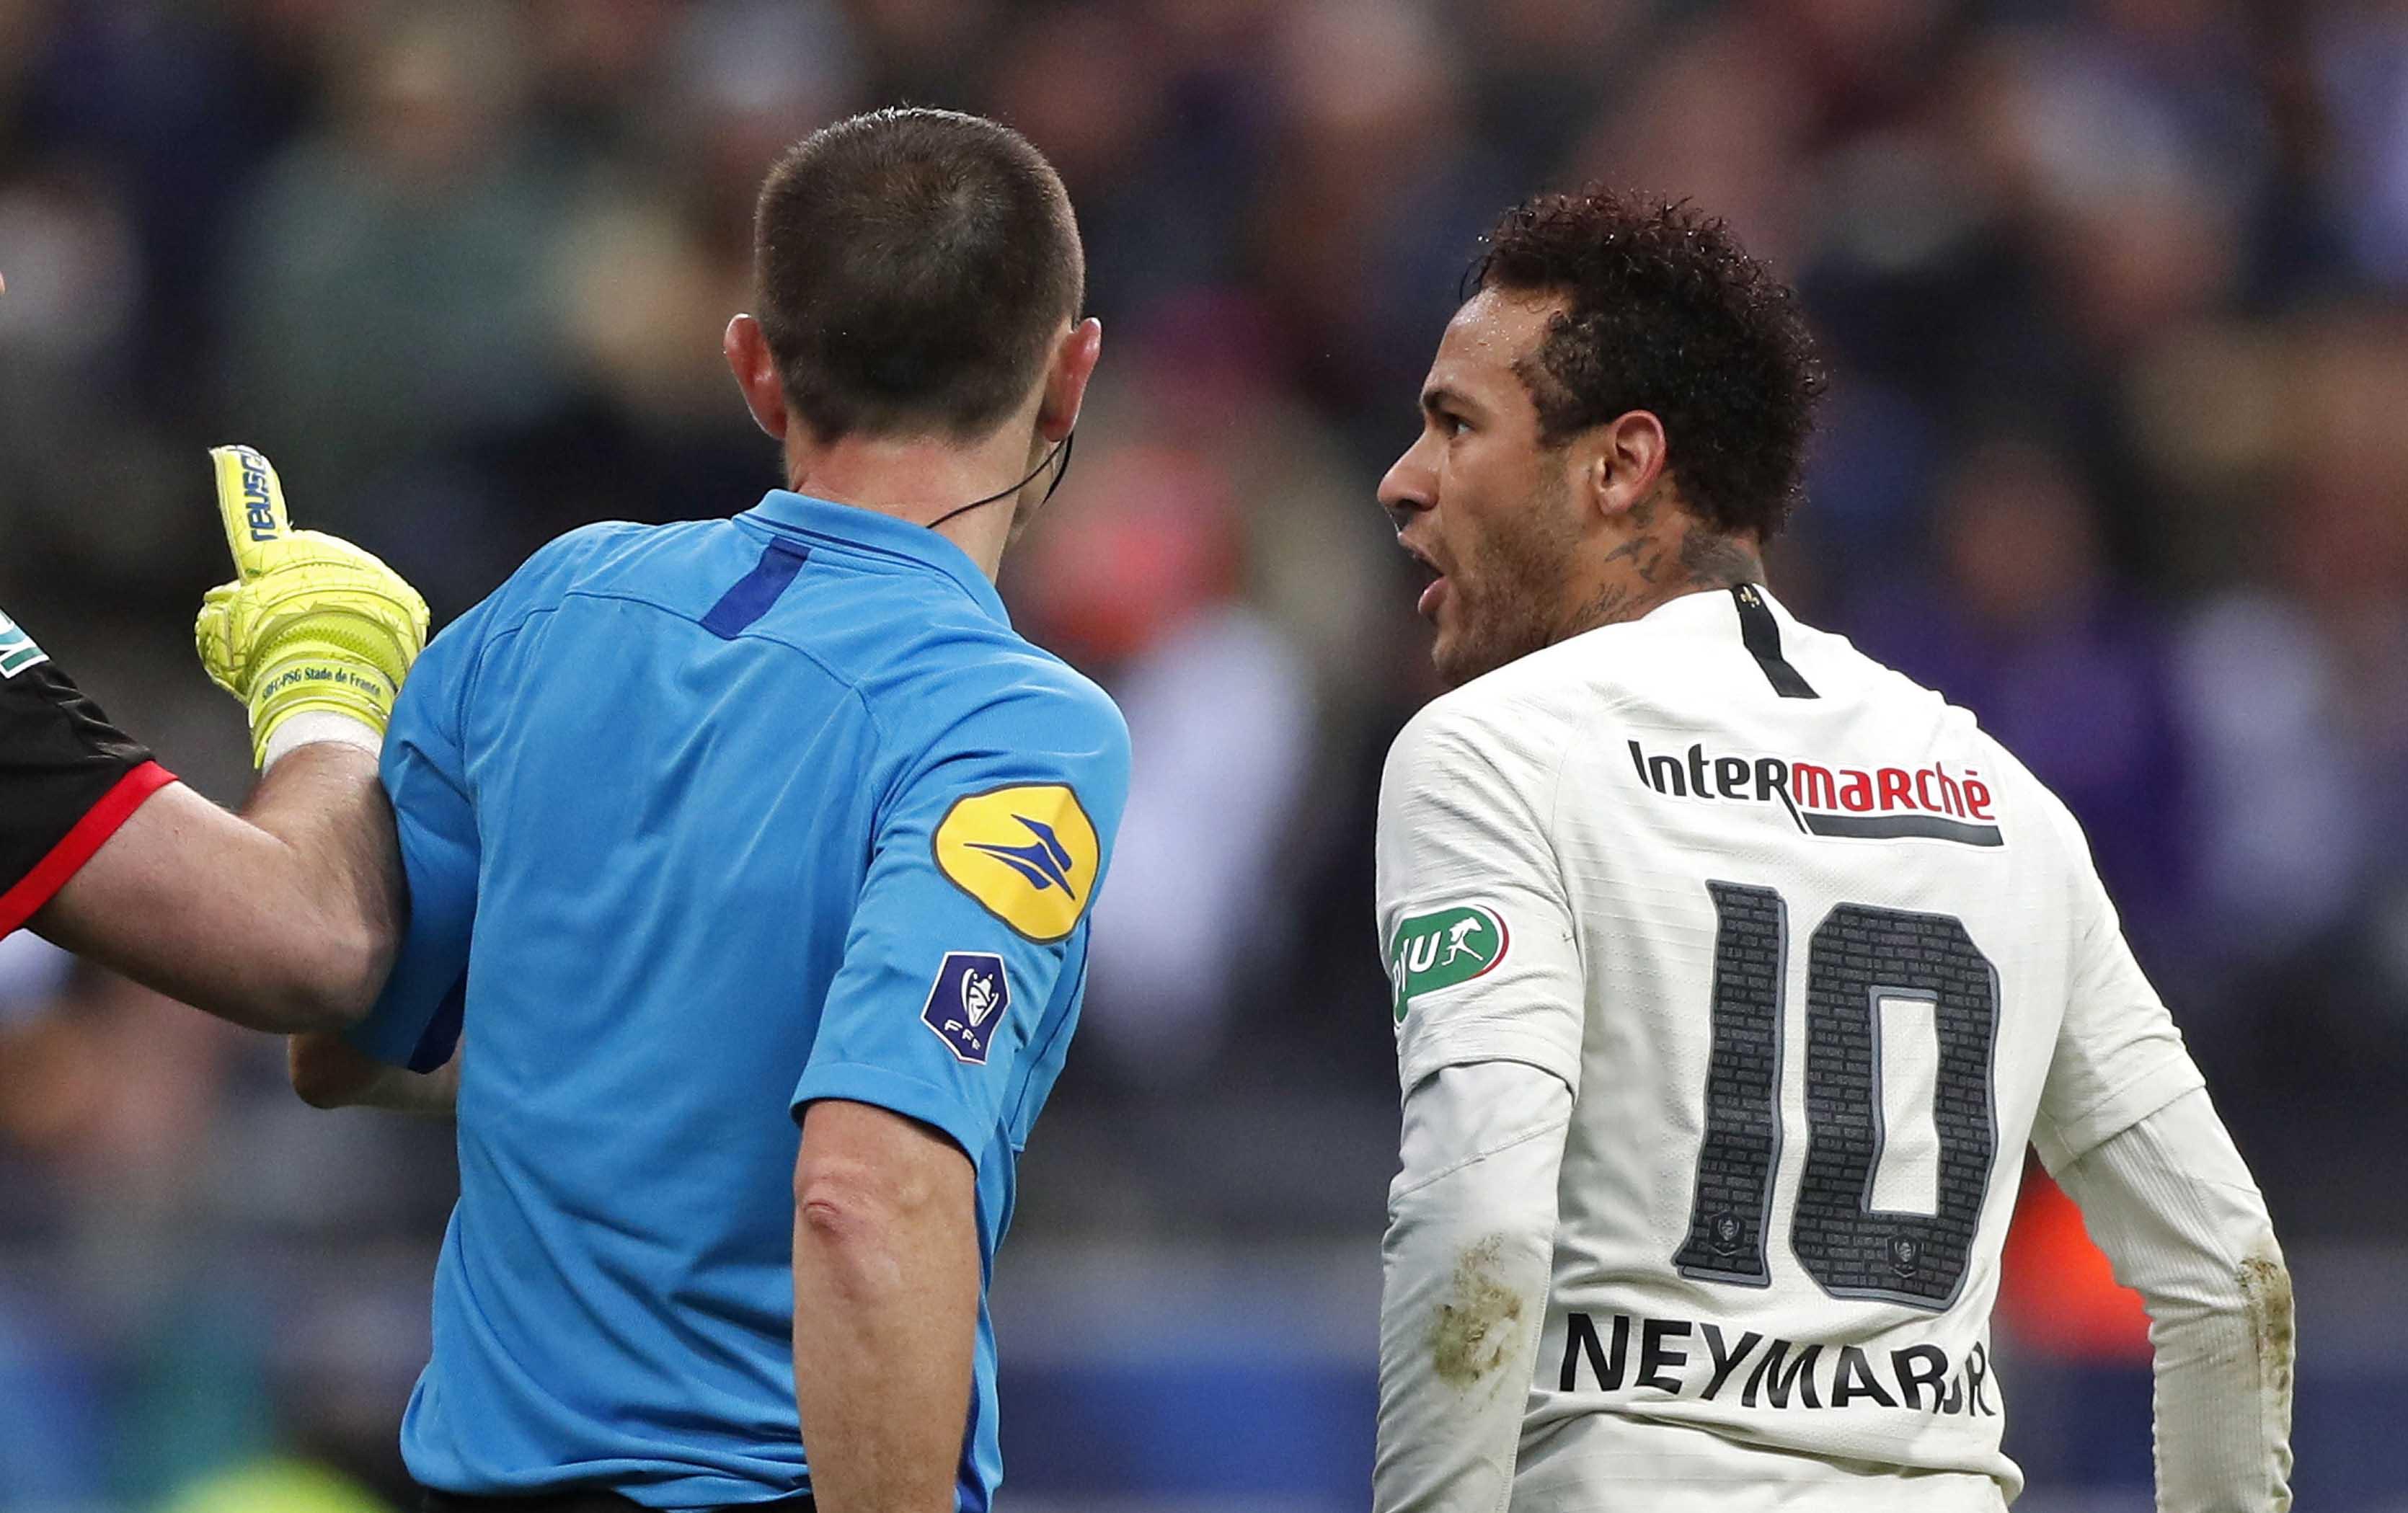 Neymar protagonizó varios actos de indisciplina en los últimos días. (Foto Prensa Libre: EFE)